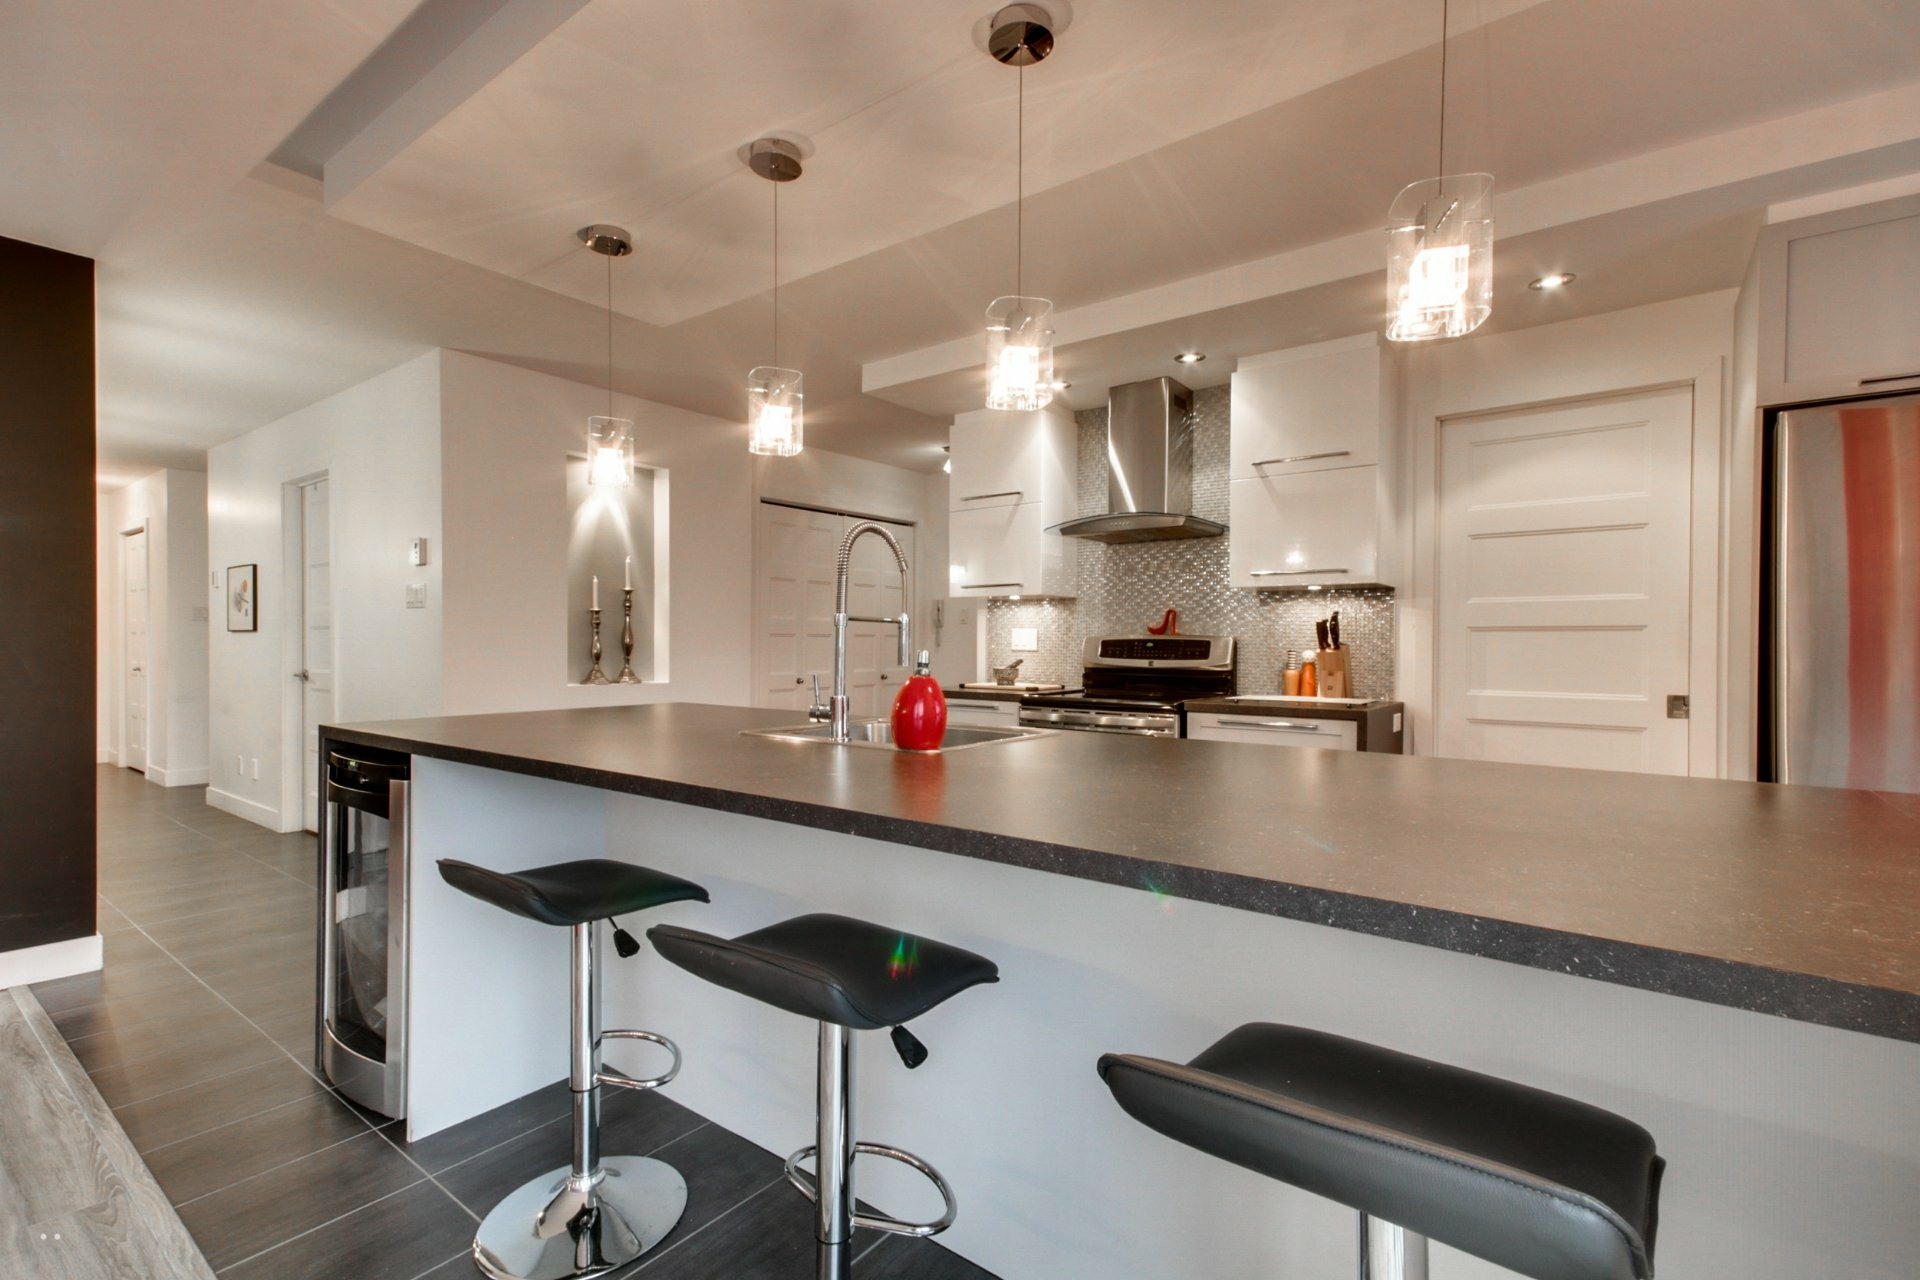 image 20 - Appartement À vendre Trois-Rivières - 7 pièces